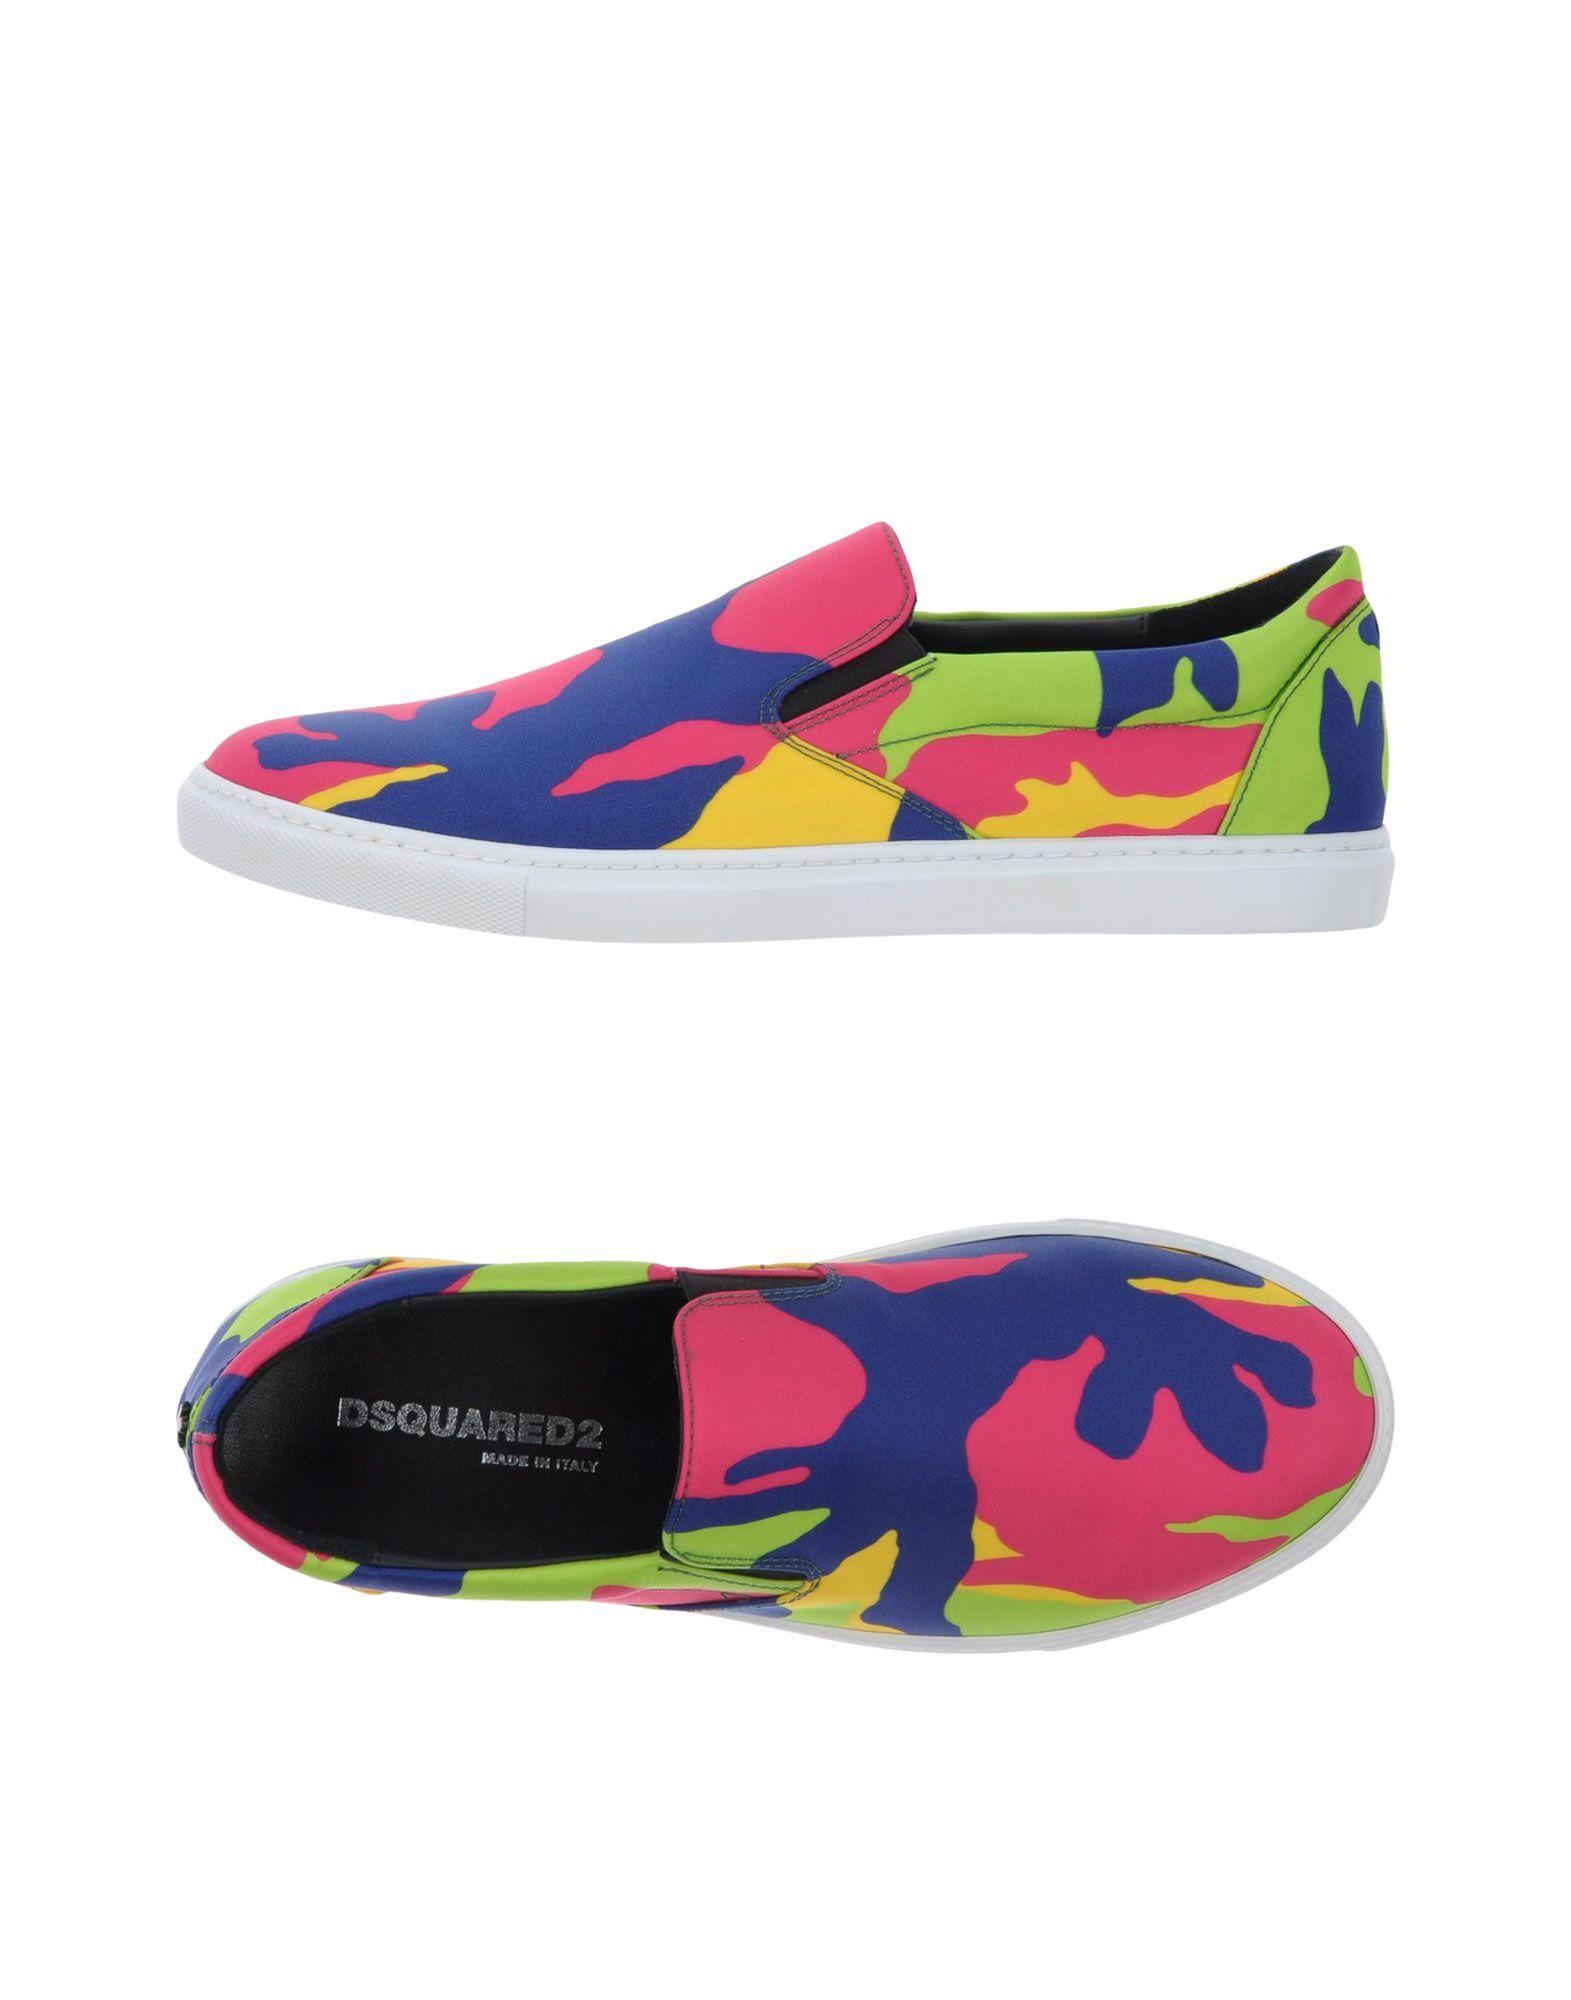 Dsquared2 Sneakers Qualität Herren  11168118JN Gute Qualität Sneakers beliebte Schuhe 2bd240